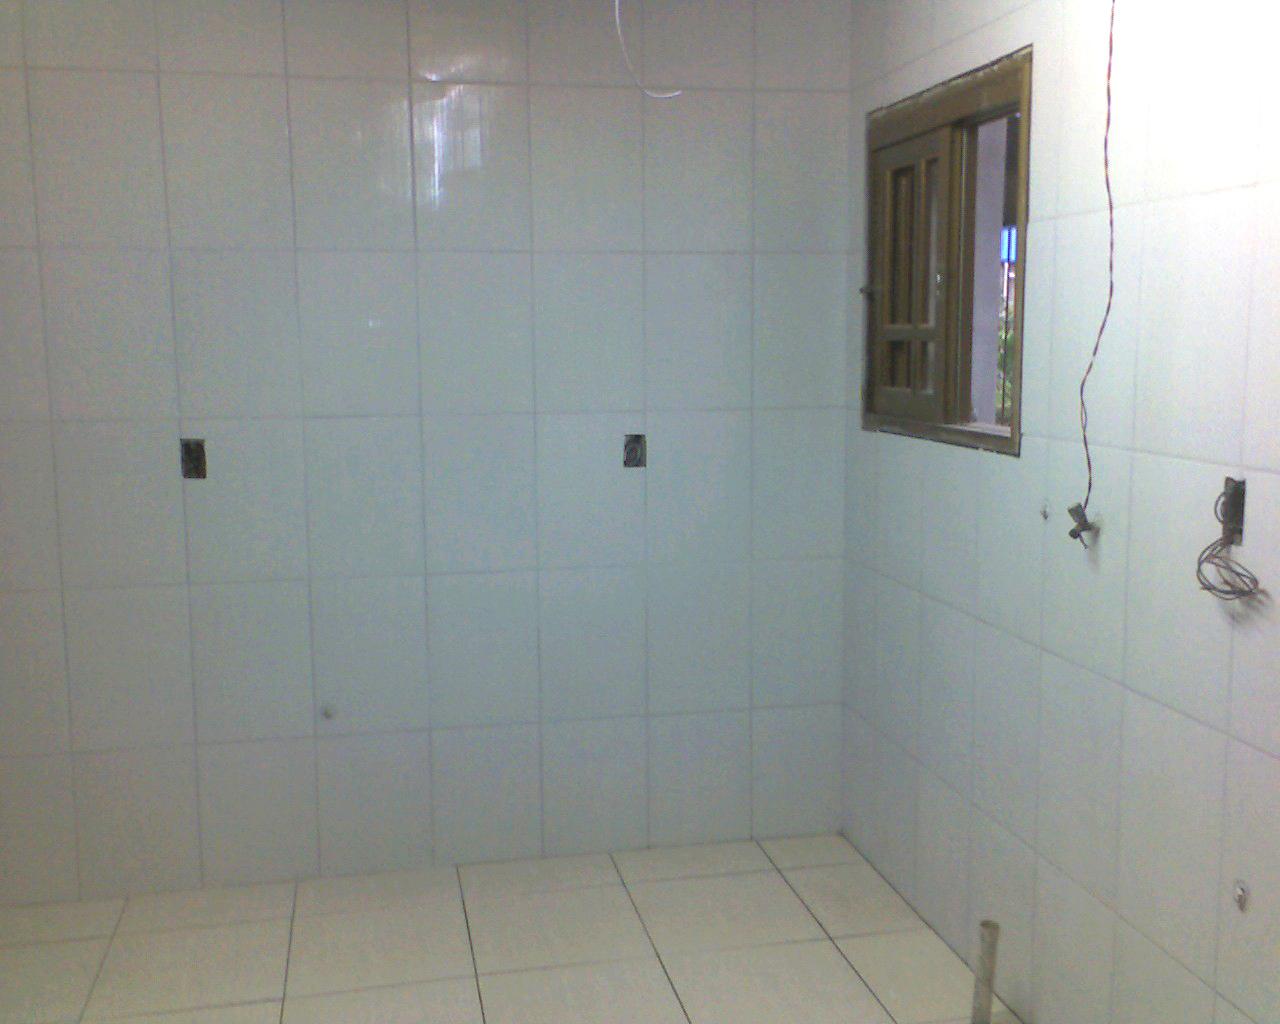 Azulejista Caxias do Sul: Portfólio Azulejista Caxias (para mais  #594F41 1280x1024 Banheiro Com Ceramica Cinza